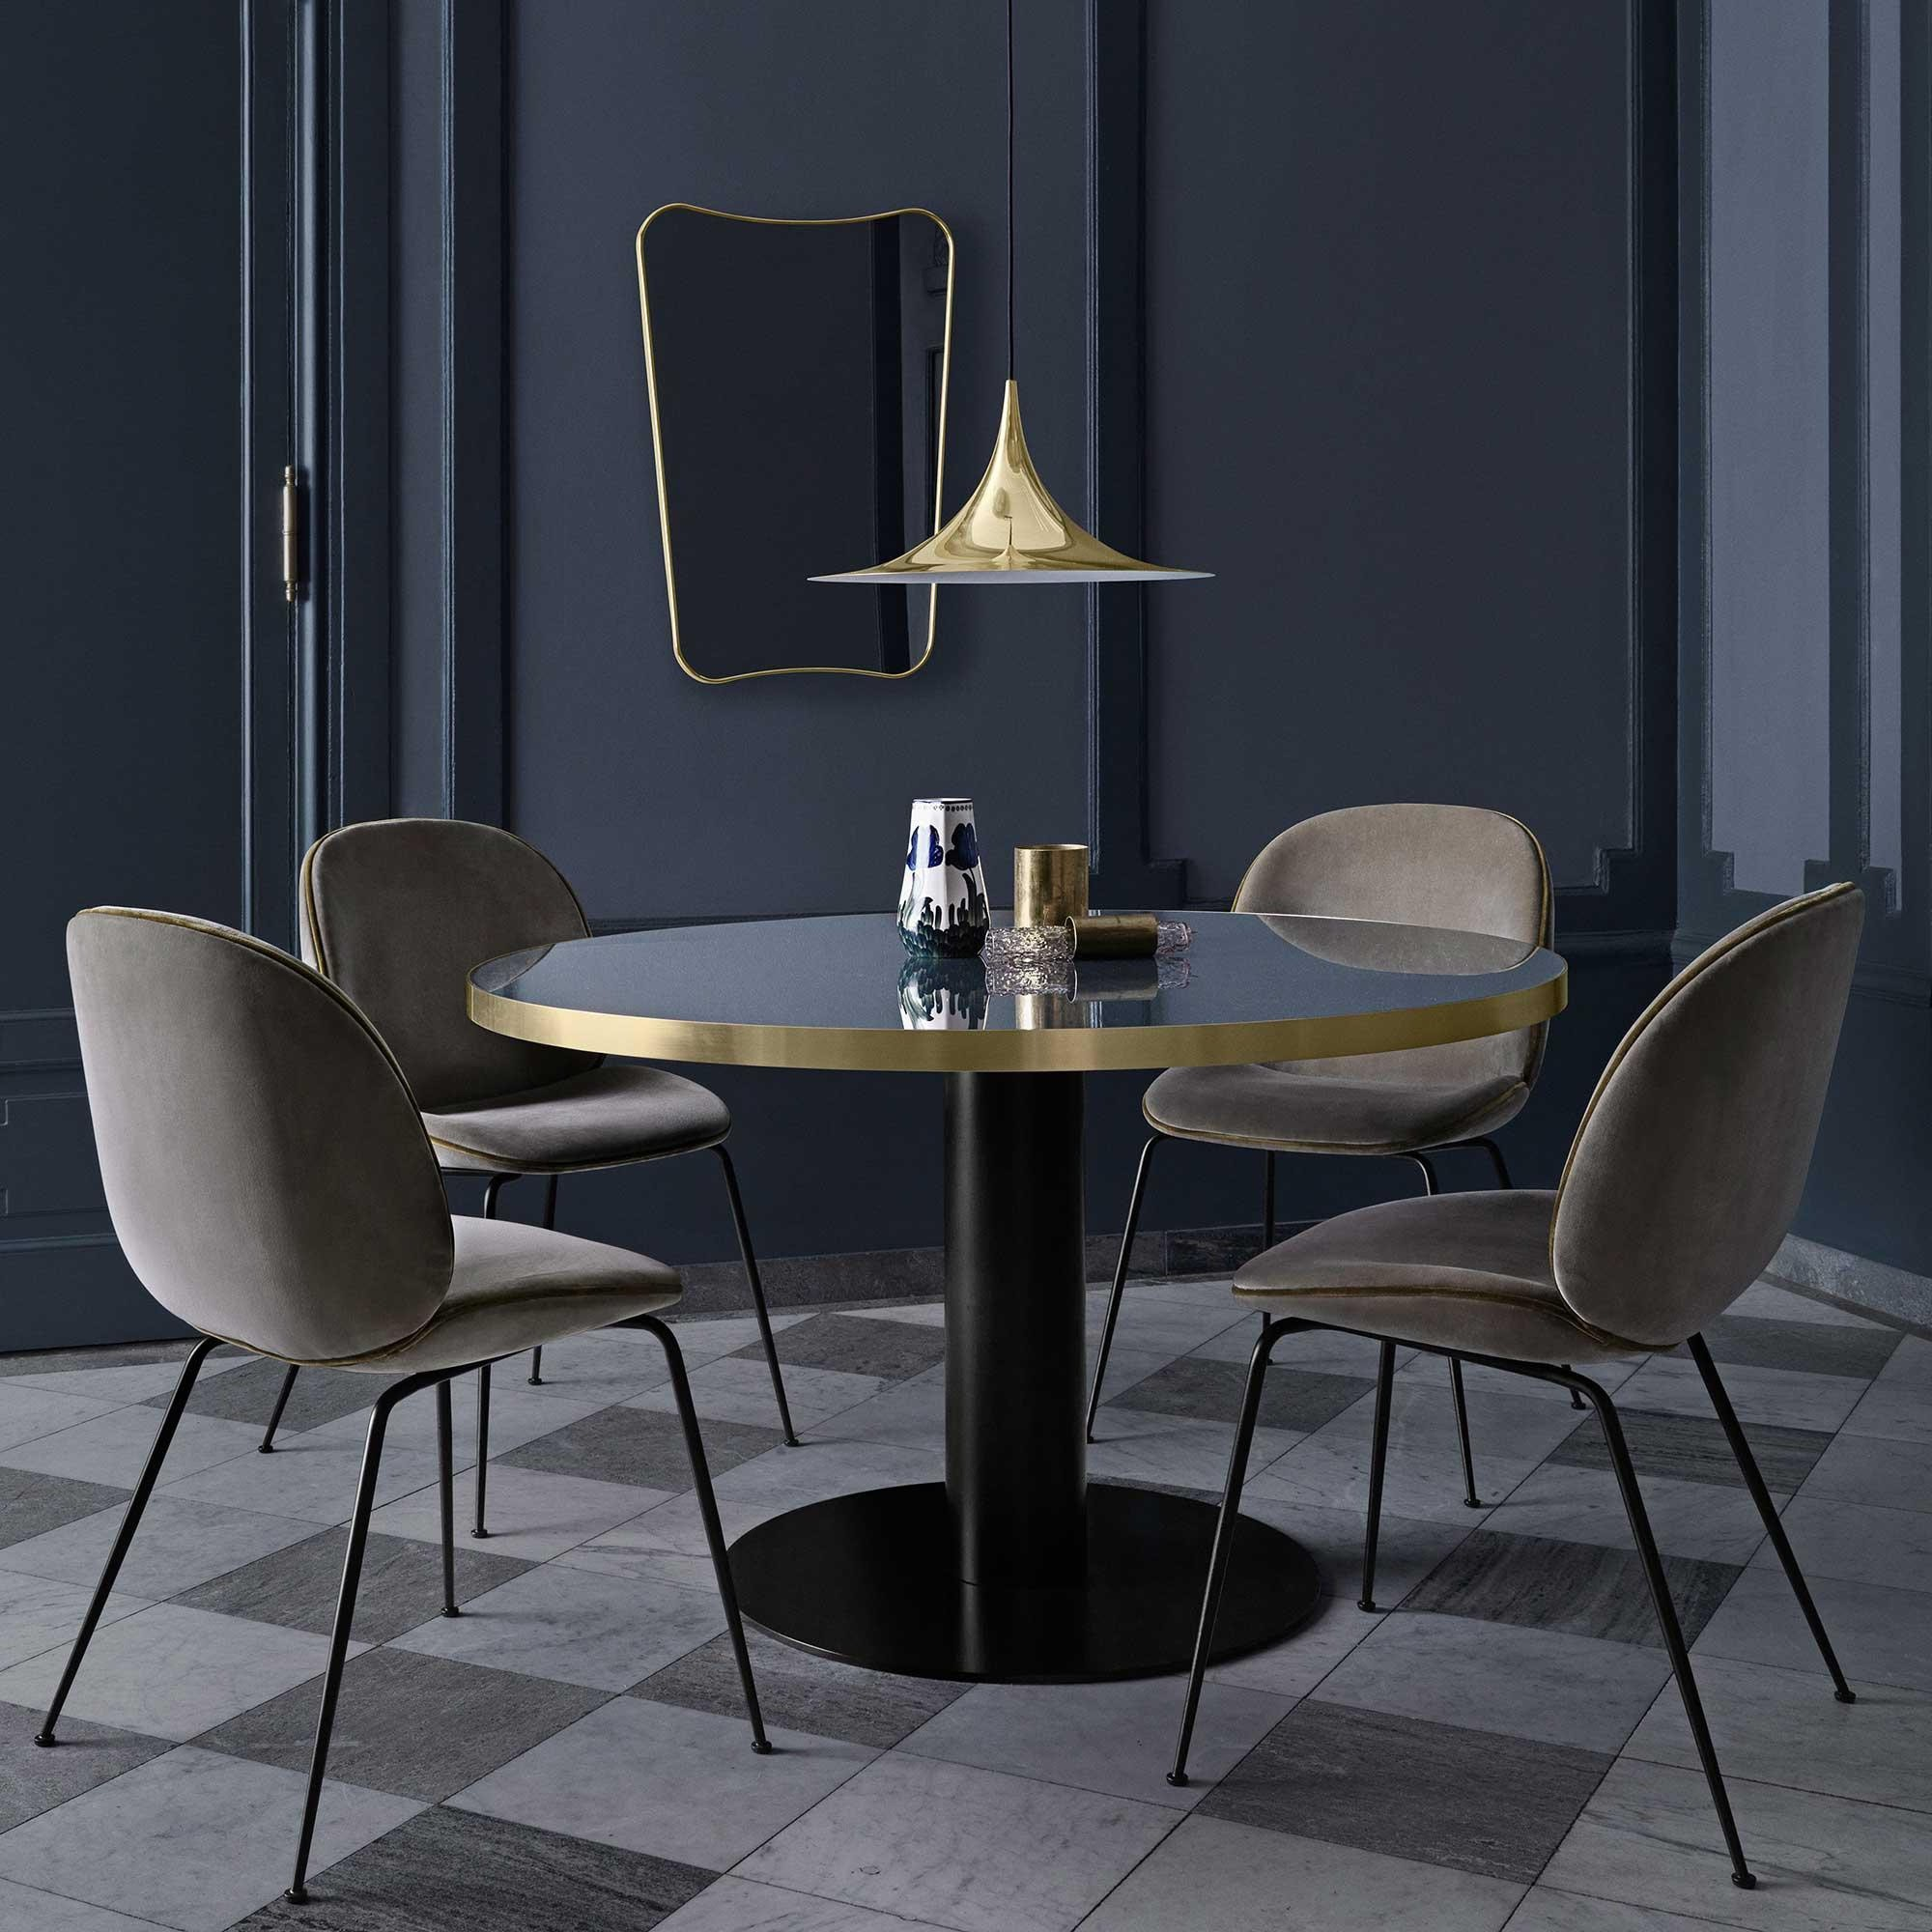 Gubi 2 0 Dining Table Tisch Gestell Schwarz 110cm